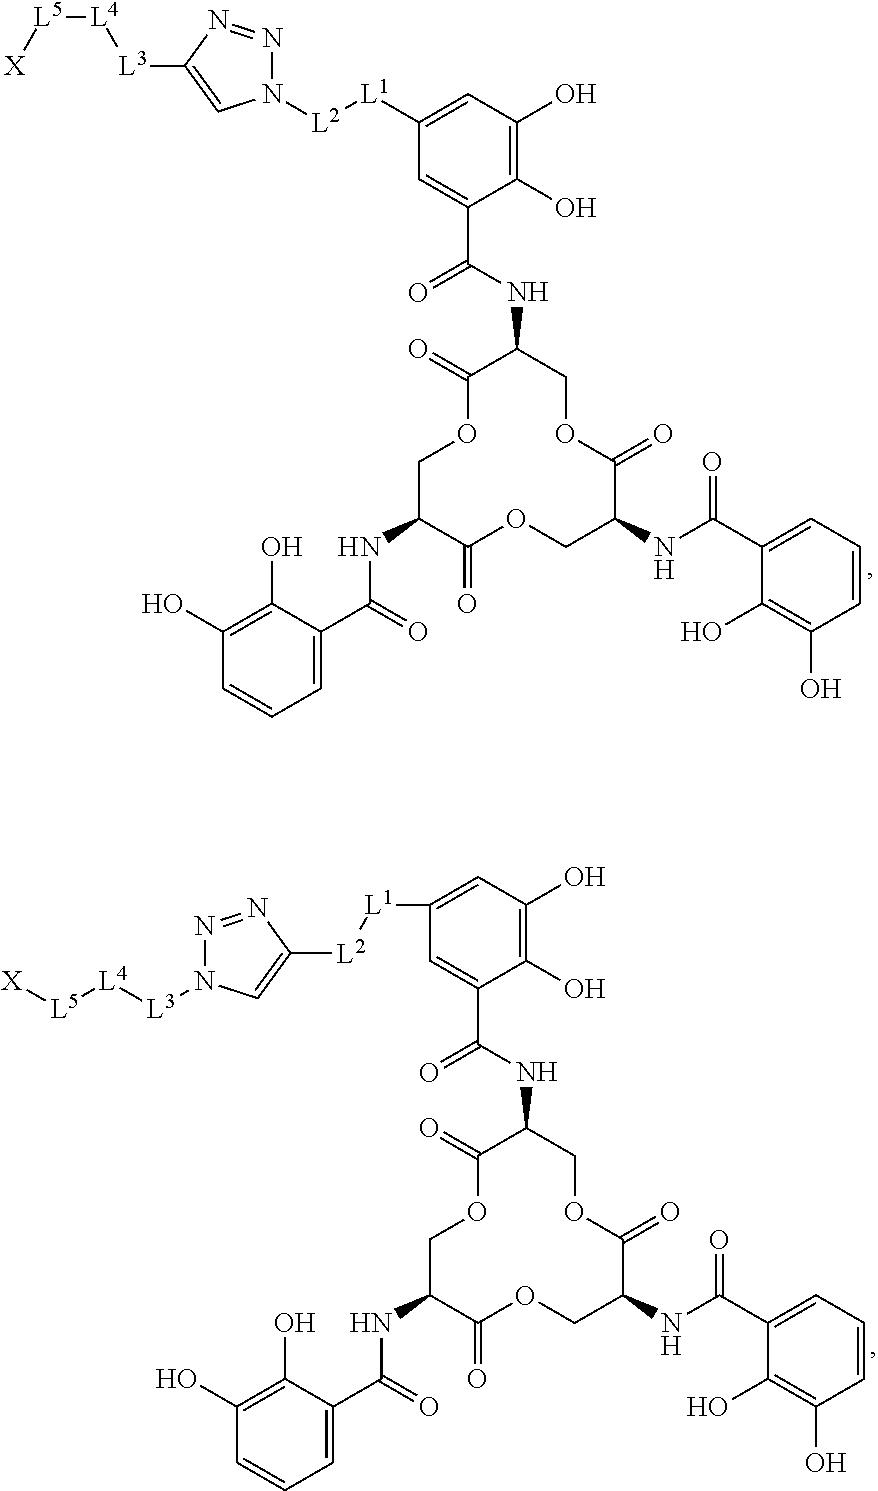 Figure US09902986-20180227-C00036